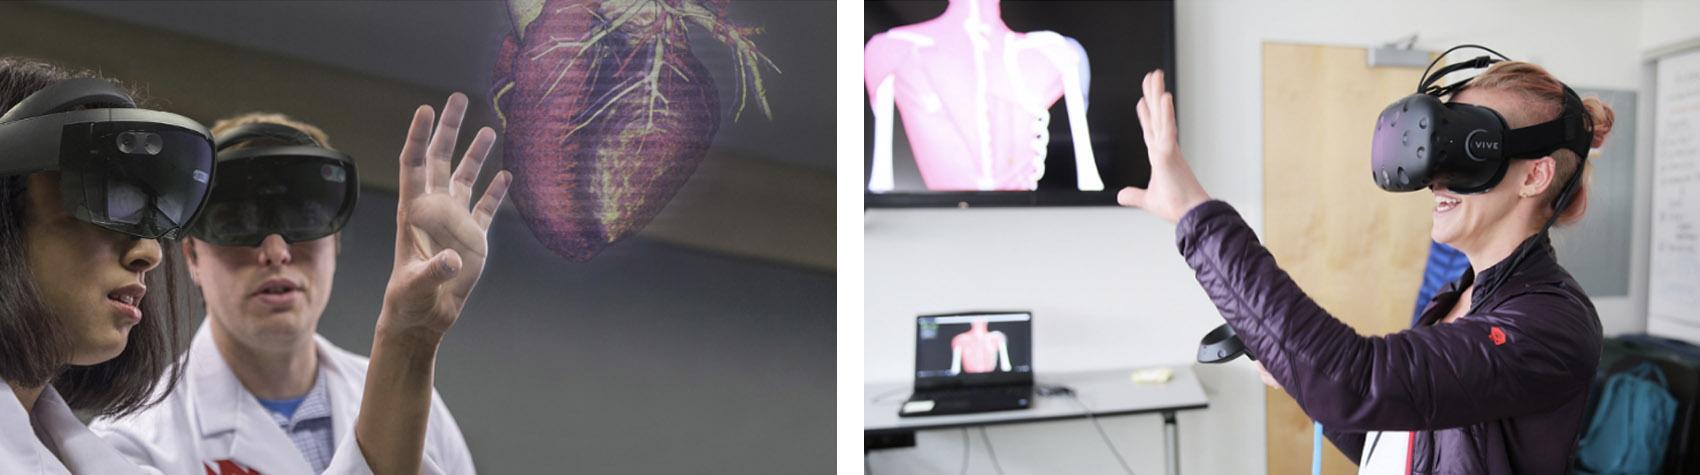 VR pour les opérations complexes